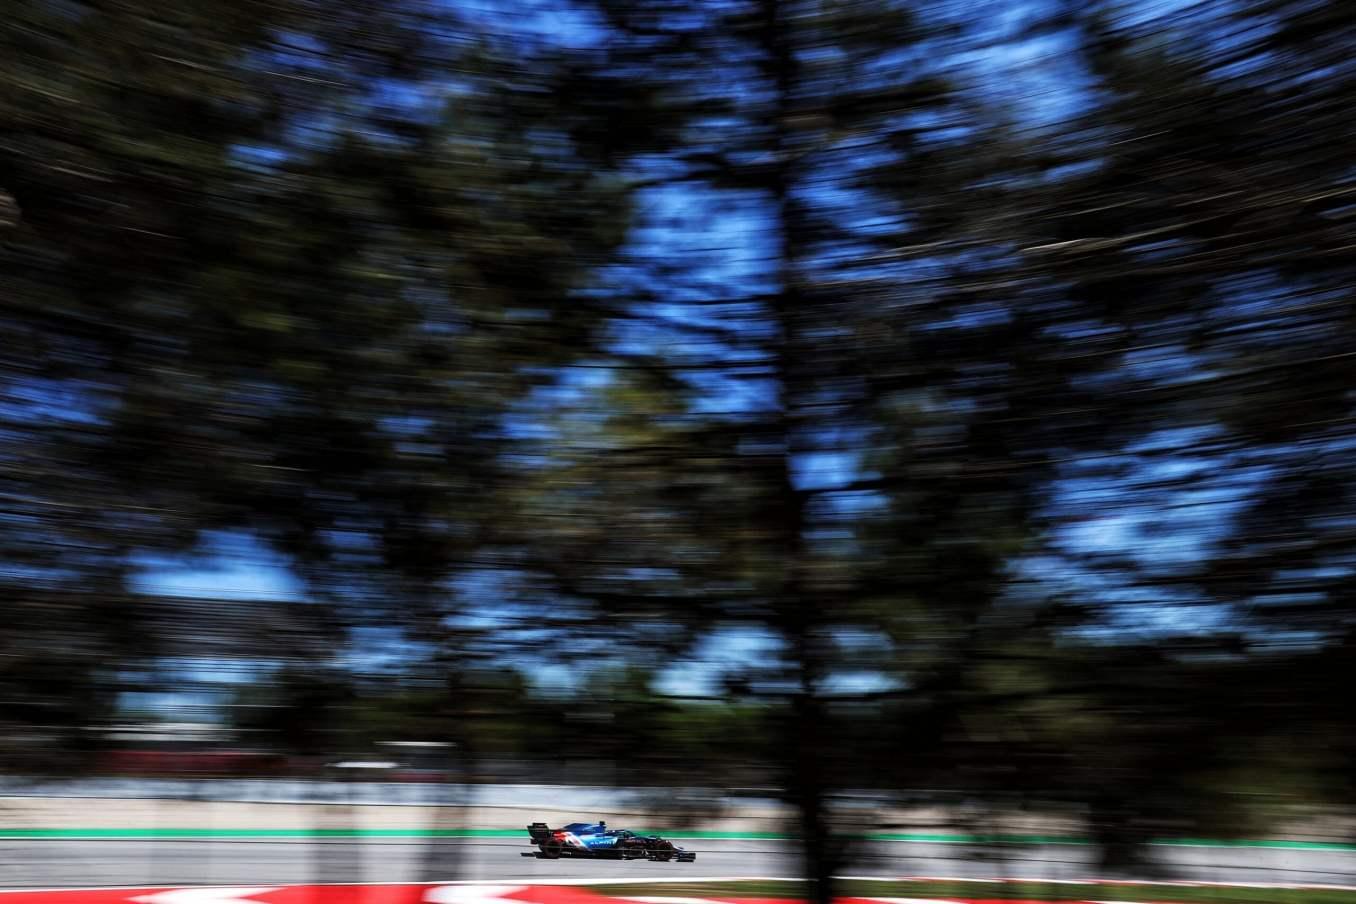 Alpine F1 Team A521 Alonso Ocon Grand Prix Espagne 2021 3 scaled | Alpine F1 Team : des essais libres 1 et 2 encourageants au GP d'Espagne